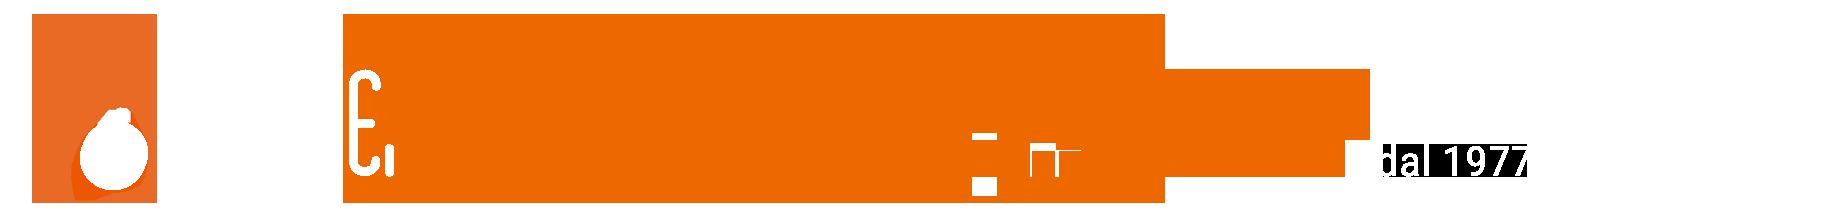 CFE srl – assistenza tecnica su macchine utensili e impianti industriali Logo